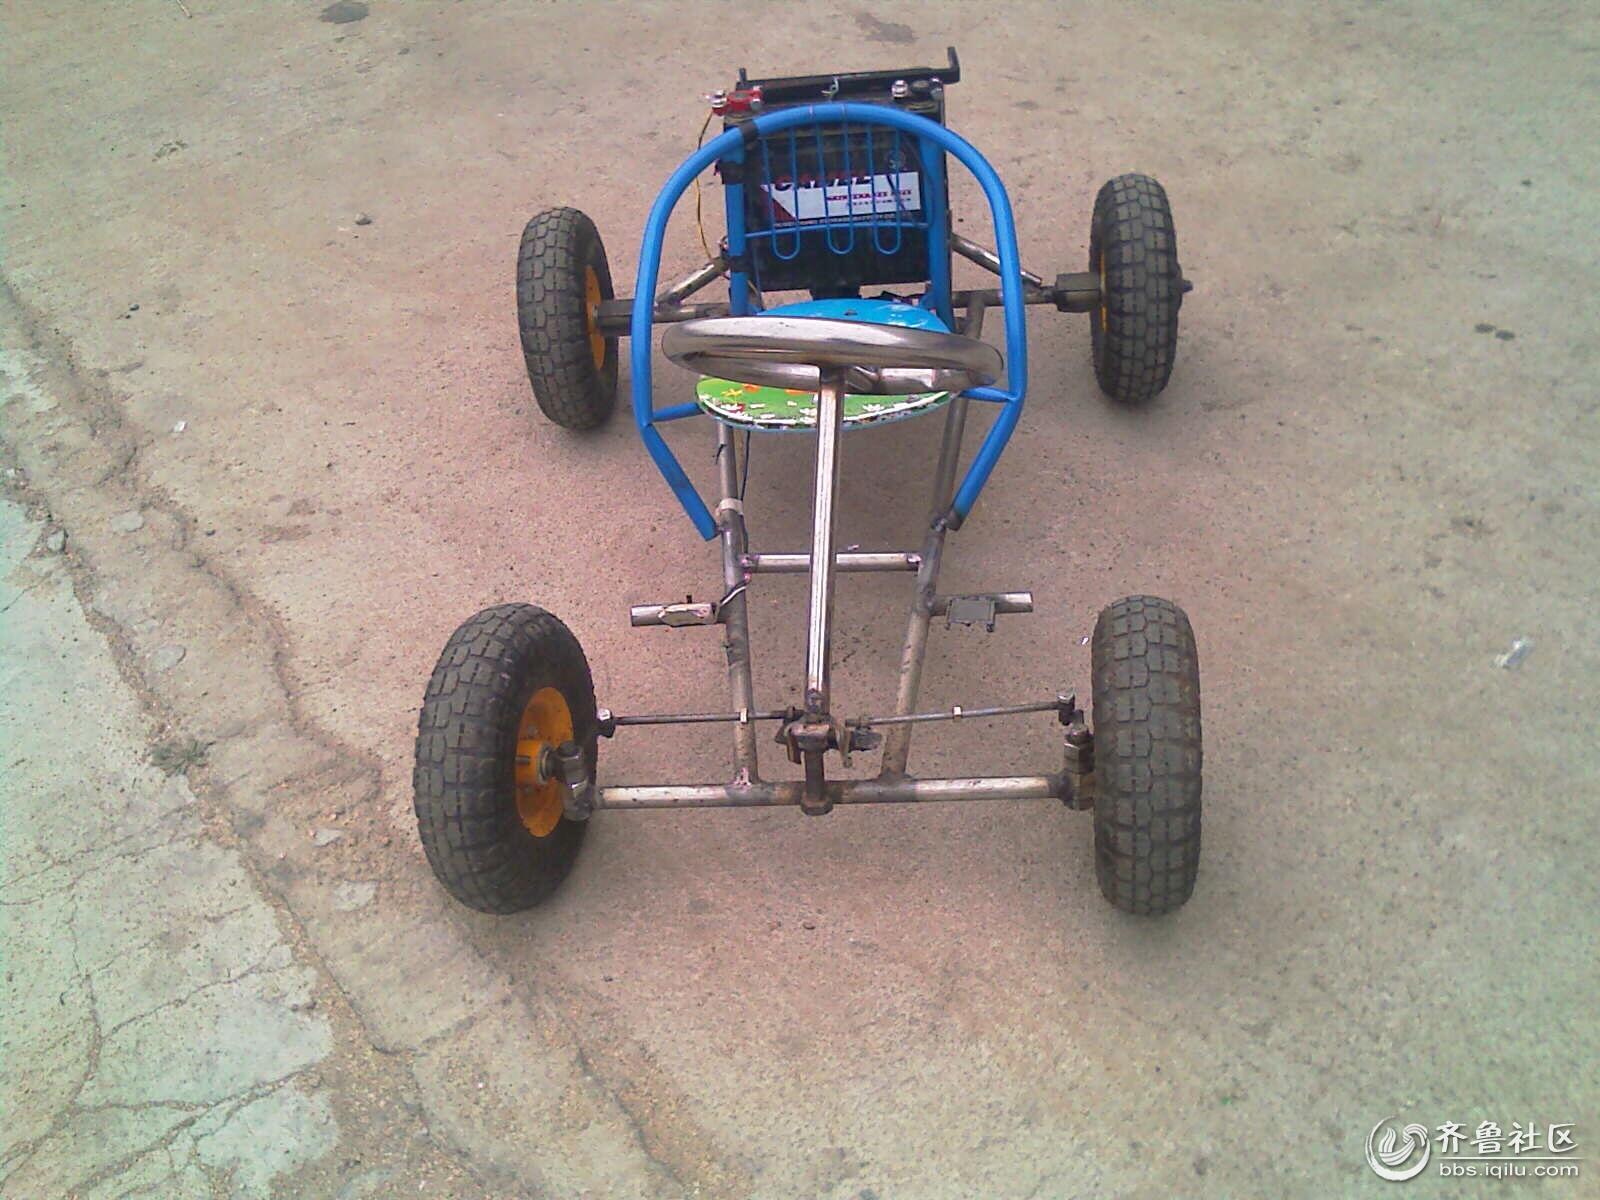 牛人自制小电动车(手机拍摄)